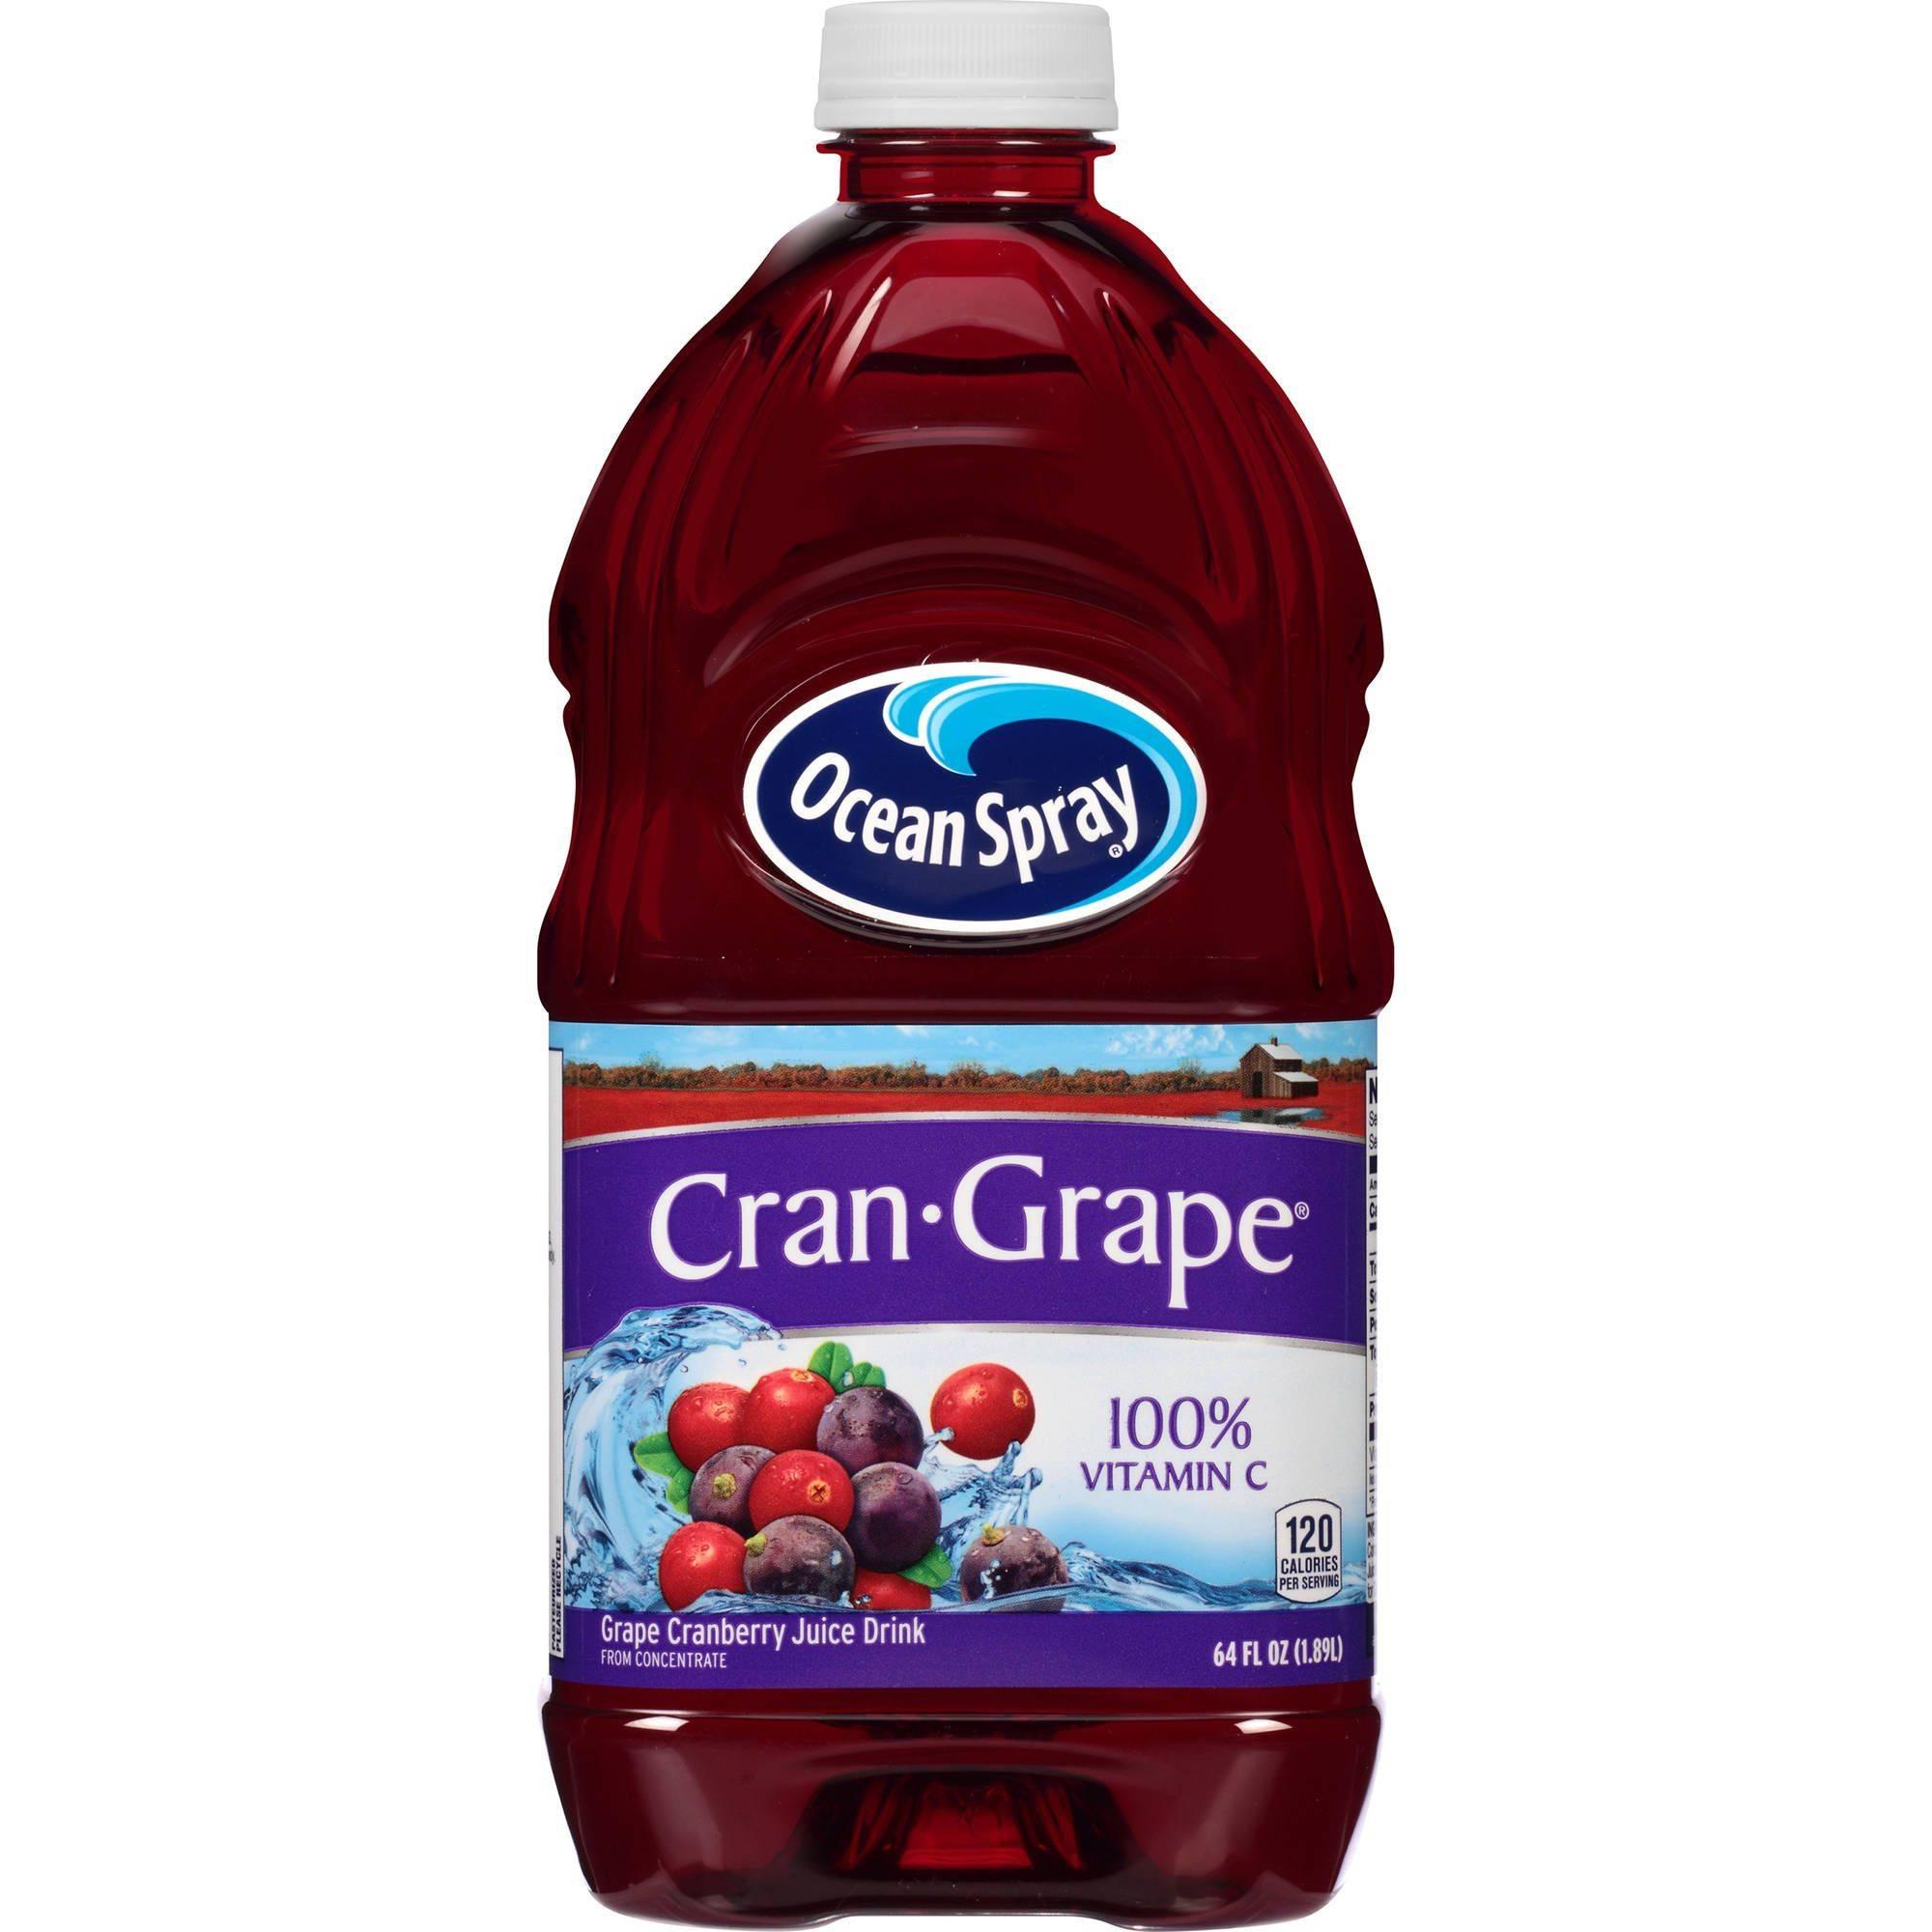 Ocean-Spray-Cran-Grape-Juice